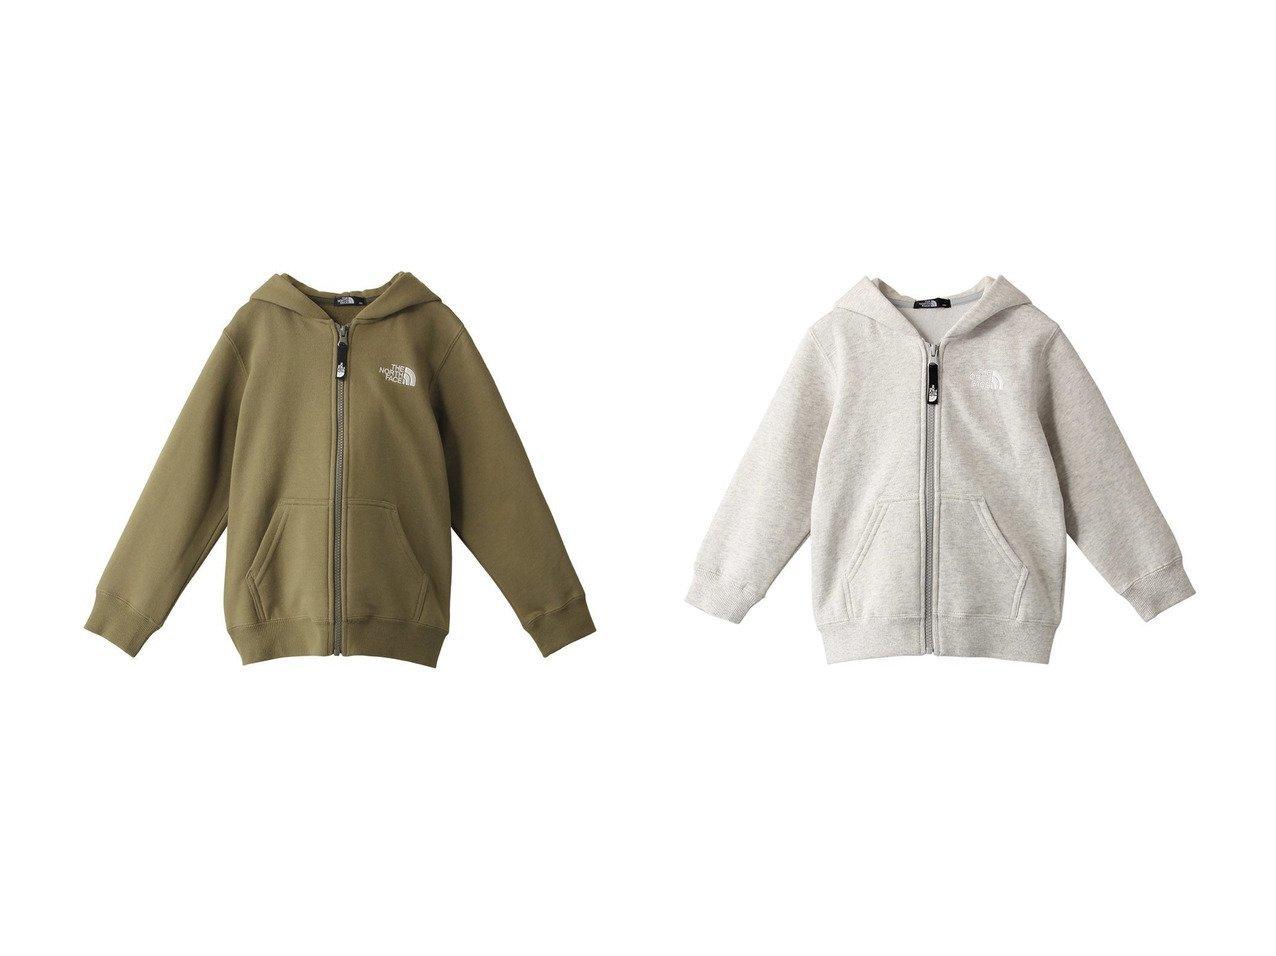 【THE NORTH FACE / KIDS/ザ ノース フェイス】の【KIDS】リアビューフルジップフーディー 【KIDS】子供服のおすすめ!人気トレンド・キッズファッションの通販 おすすめで人気の流行・トレンド、ファッションの通販商品 メンズファッション・キッズファッション・インテリア・家具・レディースファッション・服の通販 founy(ファニー) https://founy.com/ ファッション Fashion キッズファッション KIDS アウター Coat Outerwear Kids 2021年 2021 2021 春夏 S/S SS Spring/Summer 2021 S/S 春夏 SS Spring/Summer アウトドア ボトム 定番 Standard 春 Spring 羽織 |ID:crp329100000023683